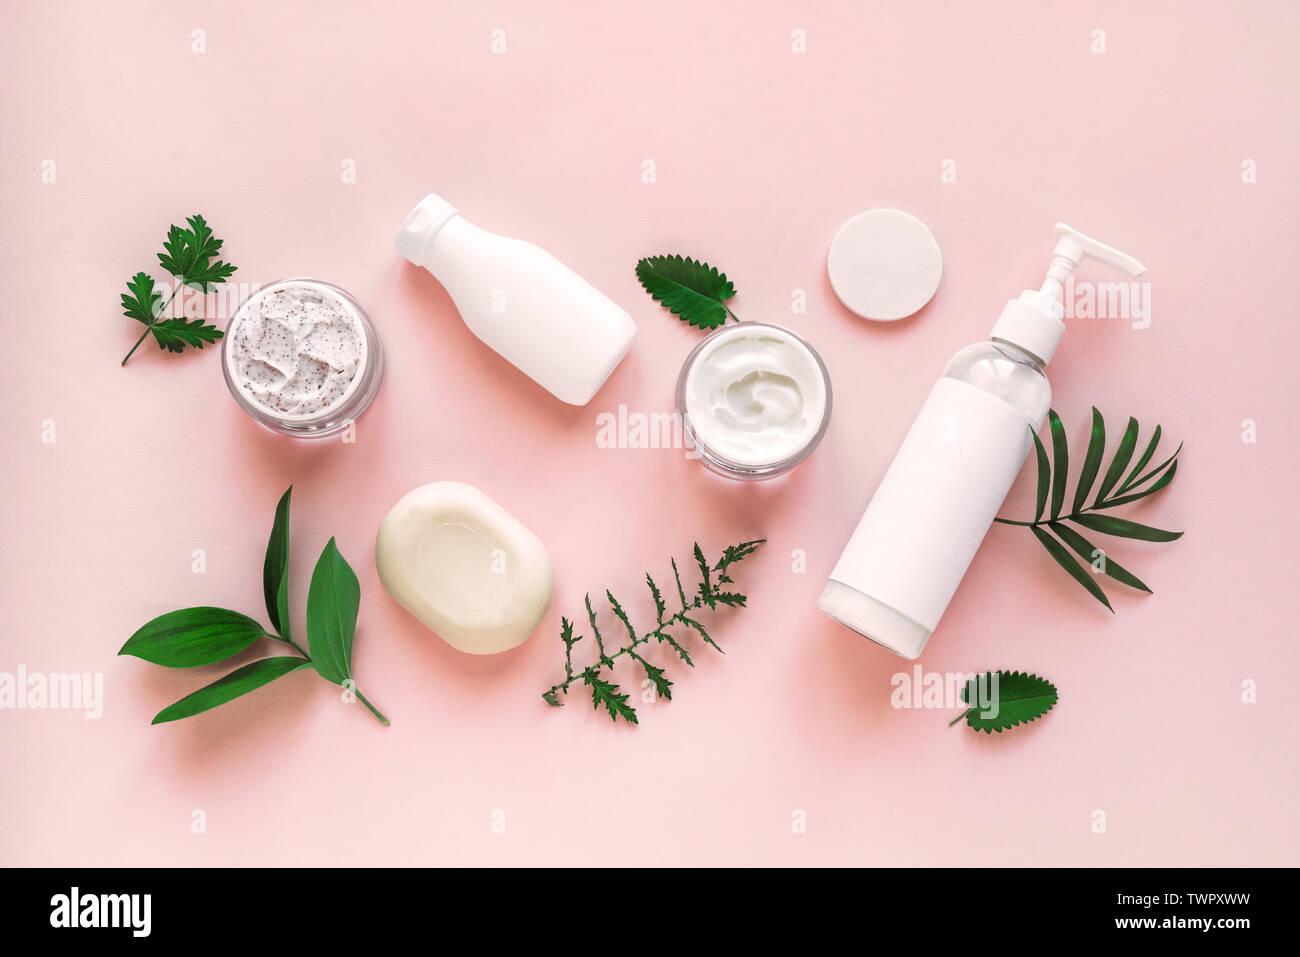 Naturkosmetik und grüne Blätter auf rosa Hintergrund, Ansicht von oben, flach. Natürliche organische Hautpflege, Bio Forschung und gesunden Lebensstil Konzept. Stockfoto